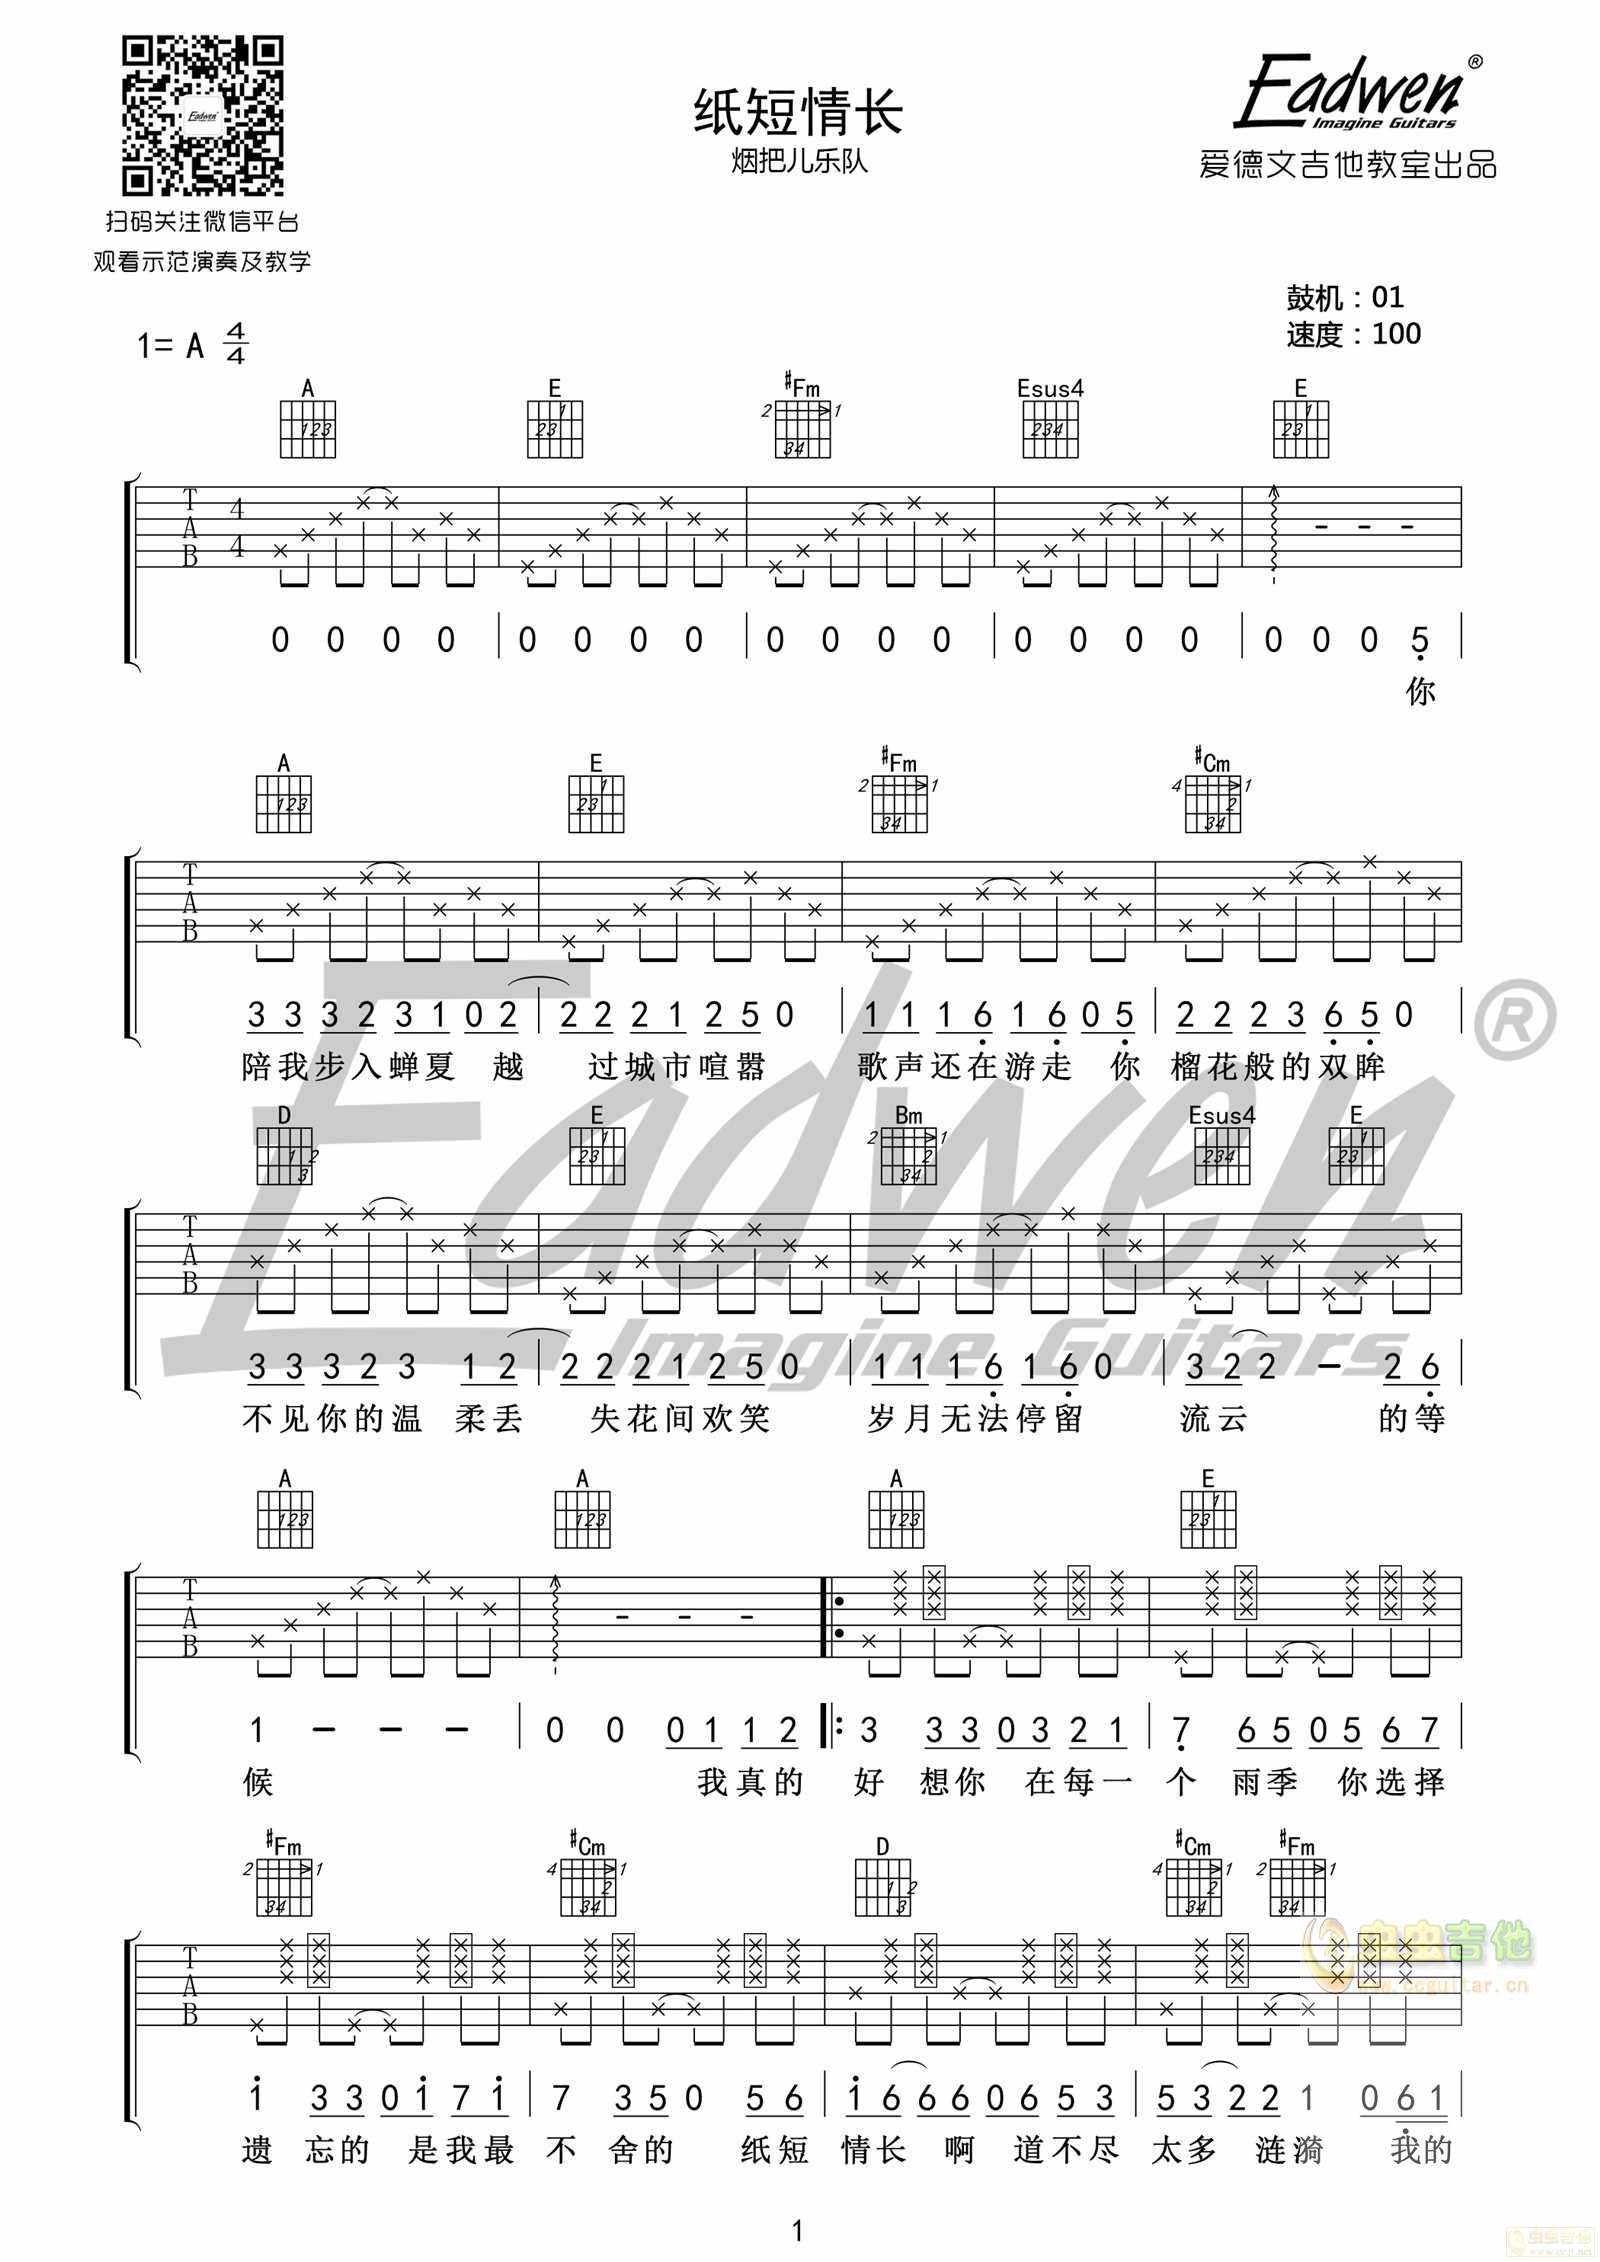 紙短情長吉他譜 第1頁圖片